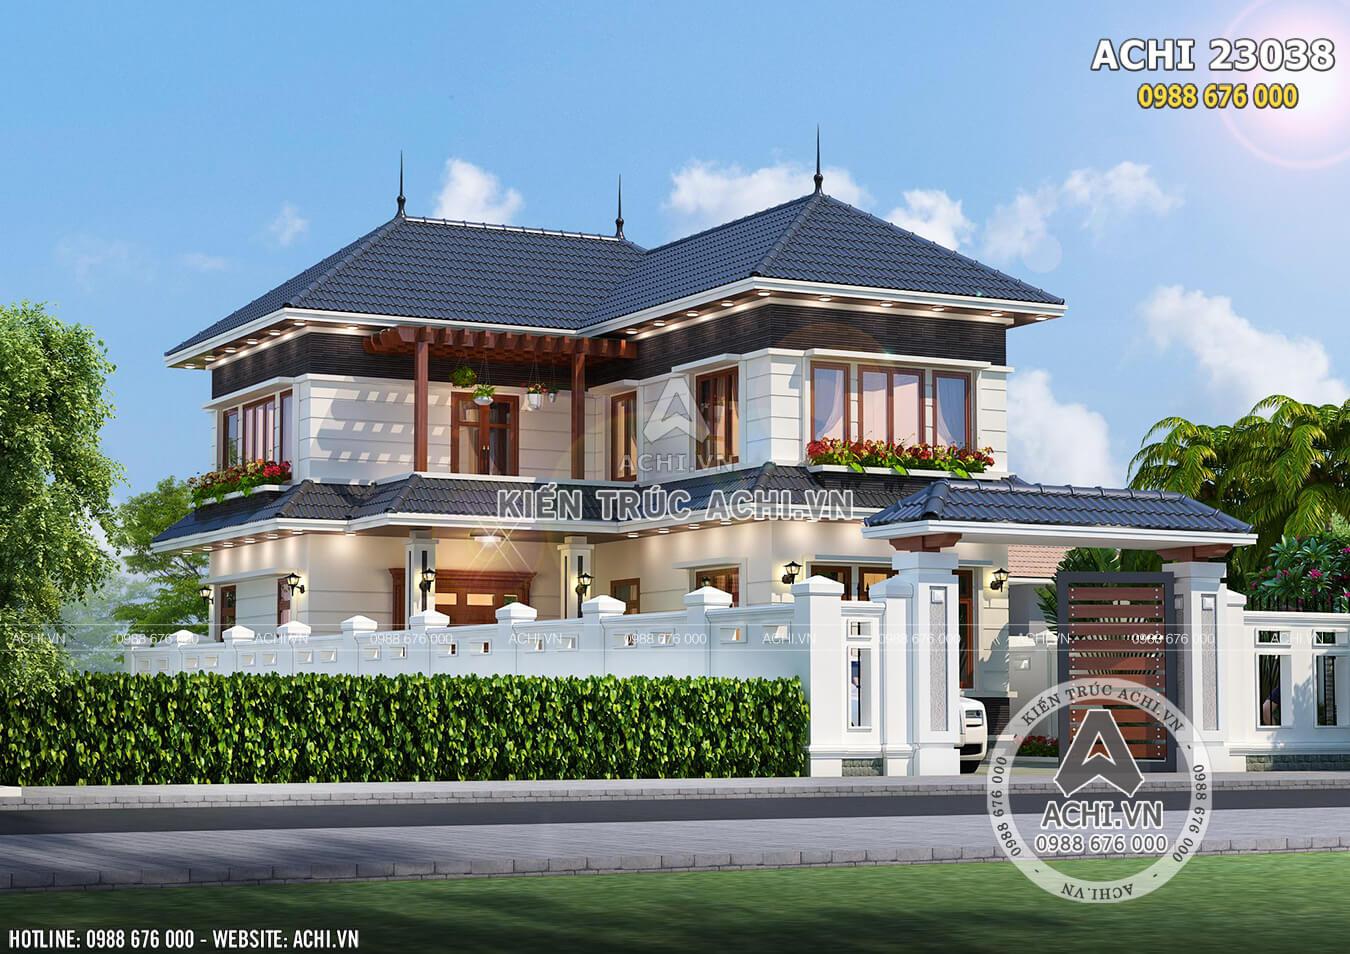 Mẫu biệt thự mái Thái 2 tầng hình chữ L khi nhìn từ ngoài vào